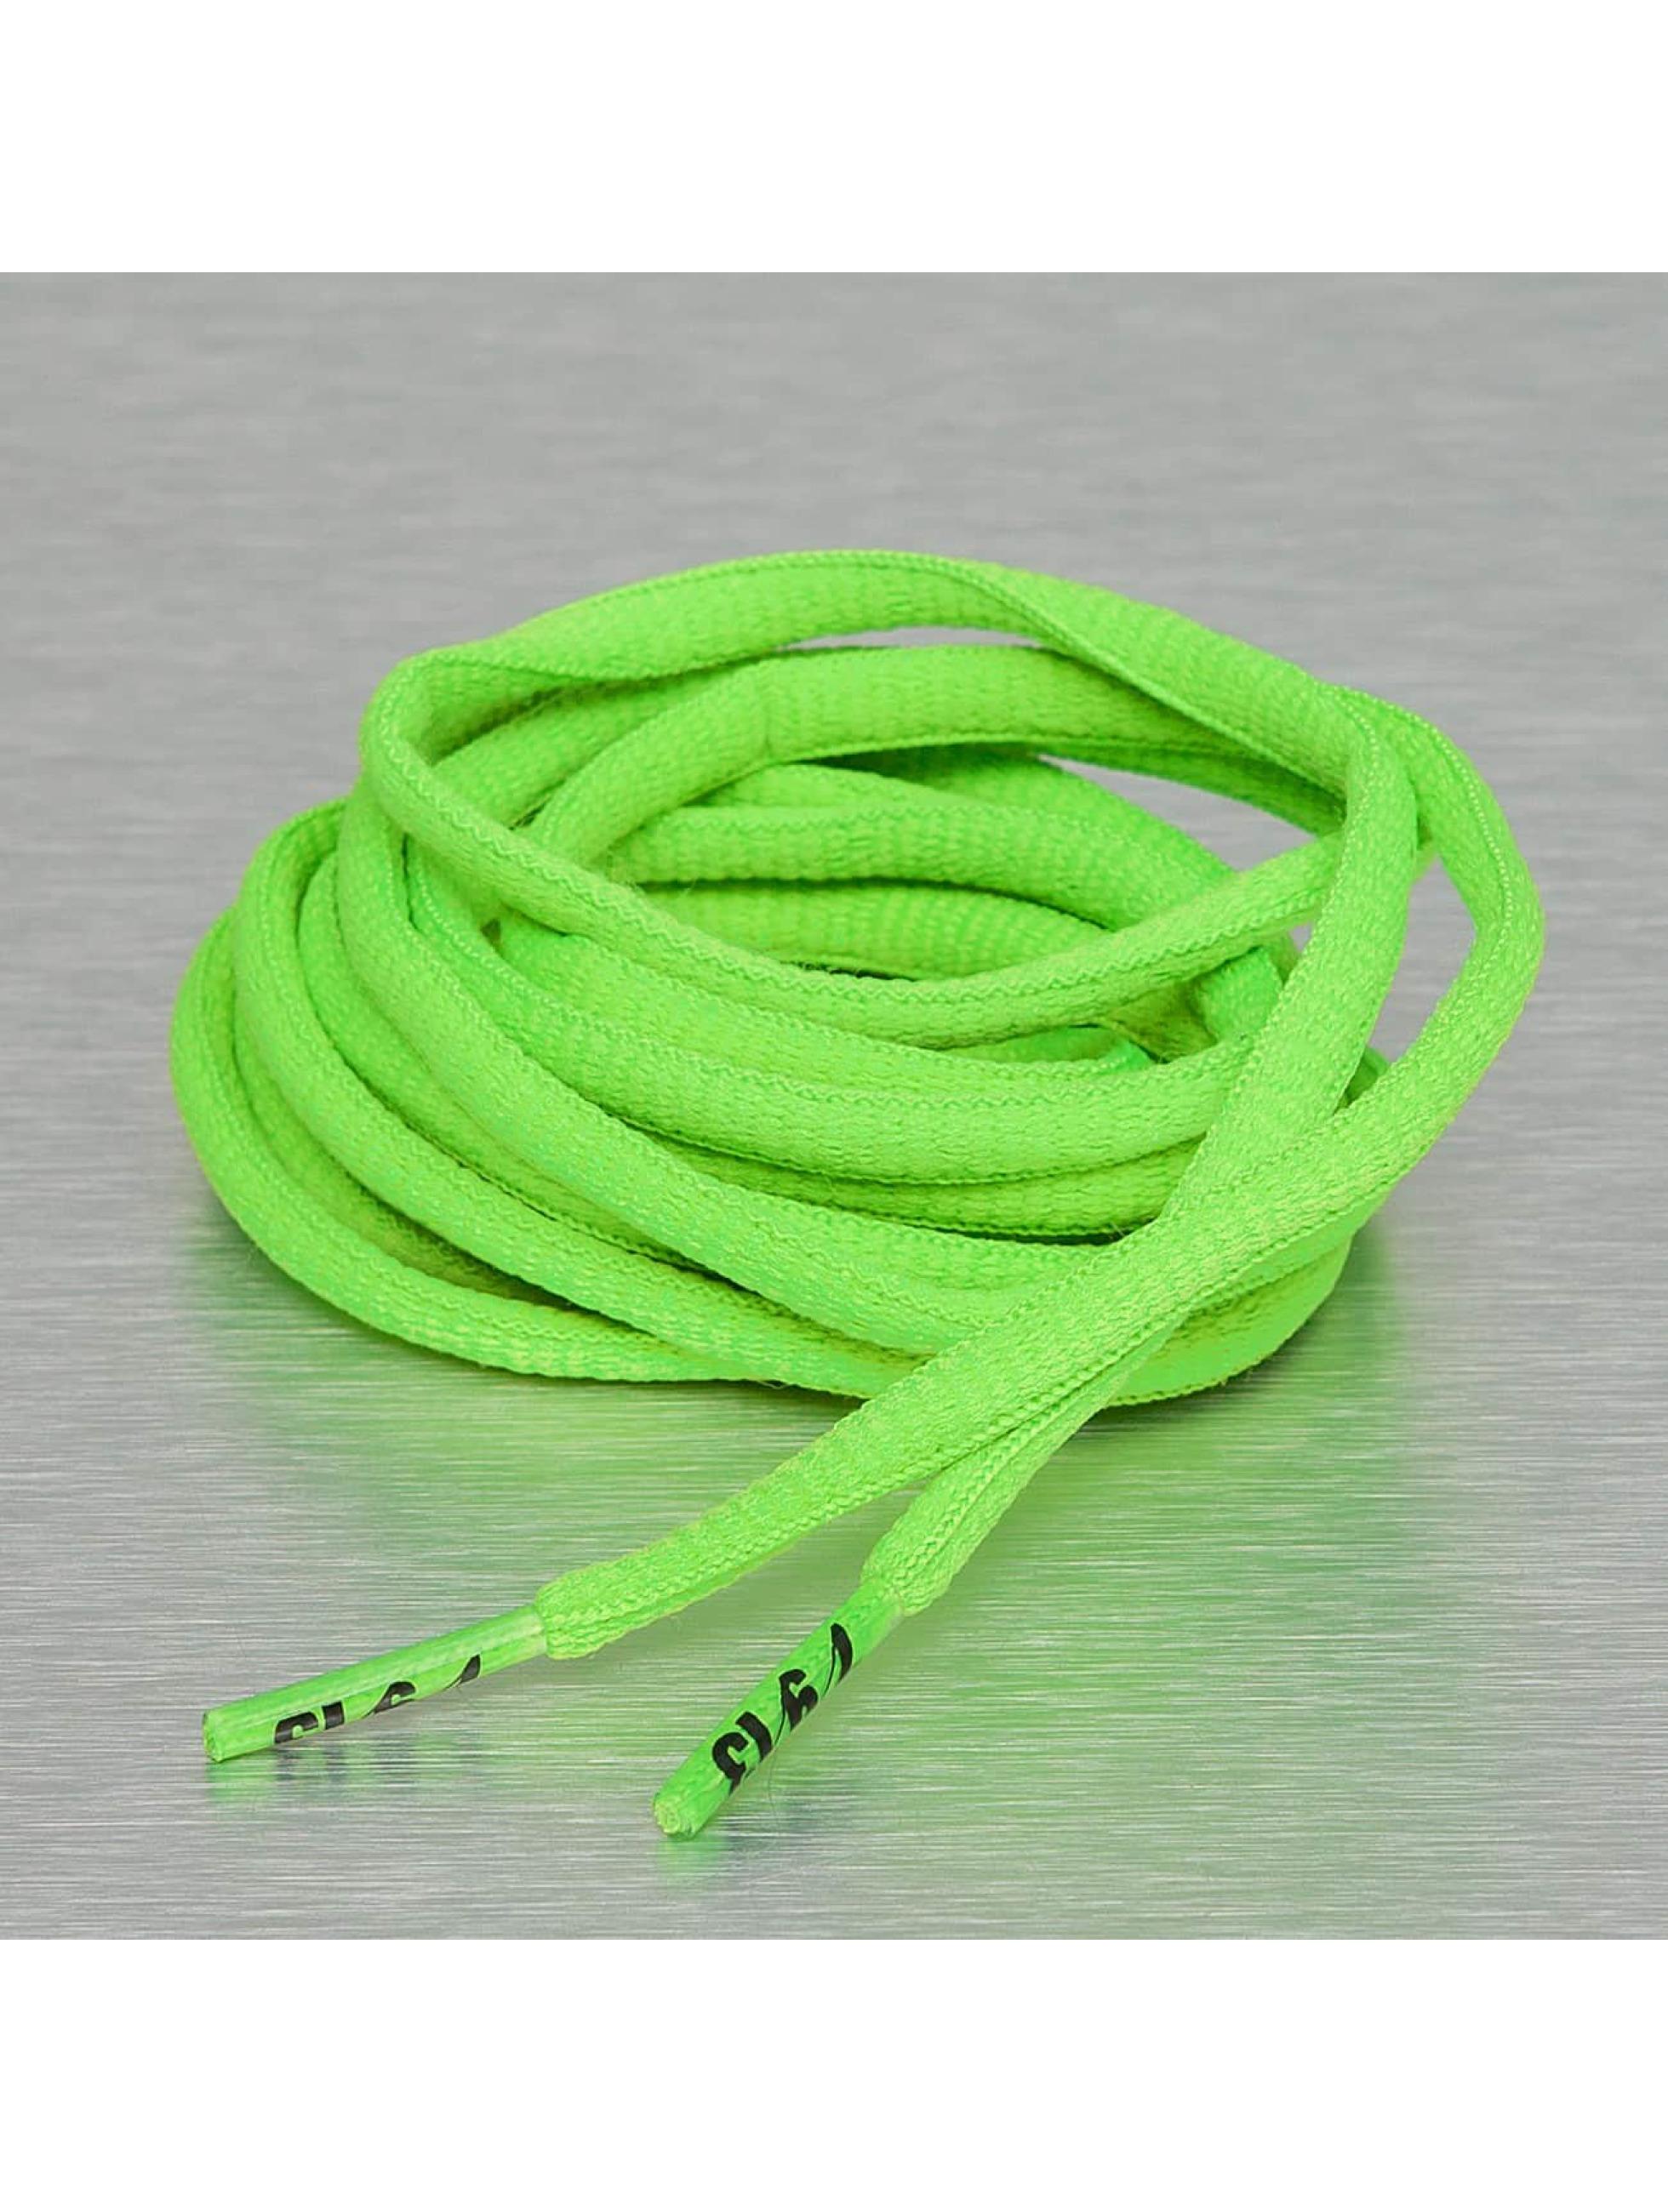 Seven Nine 13 Accesoria de zapatos Hard Candy Round verde